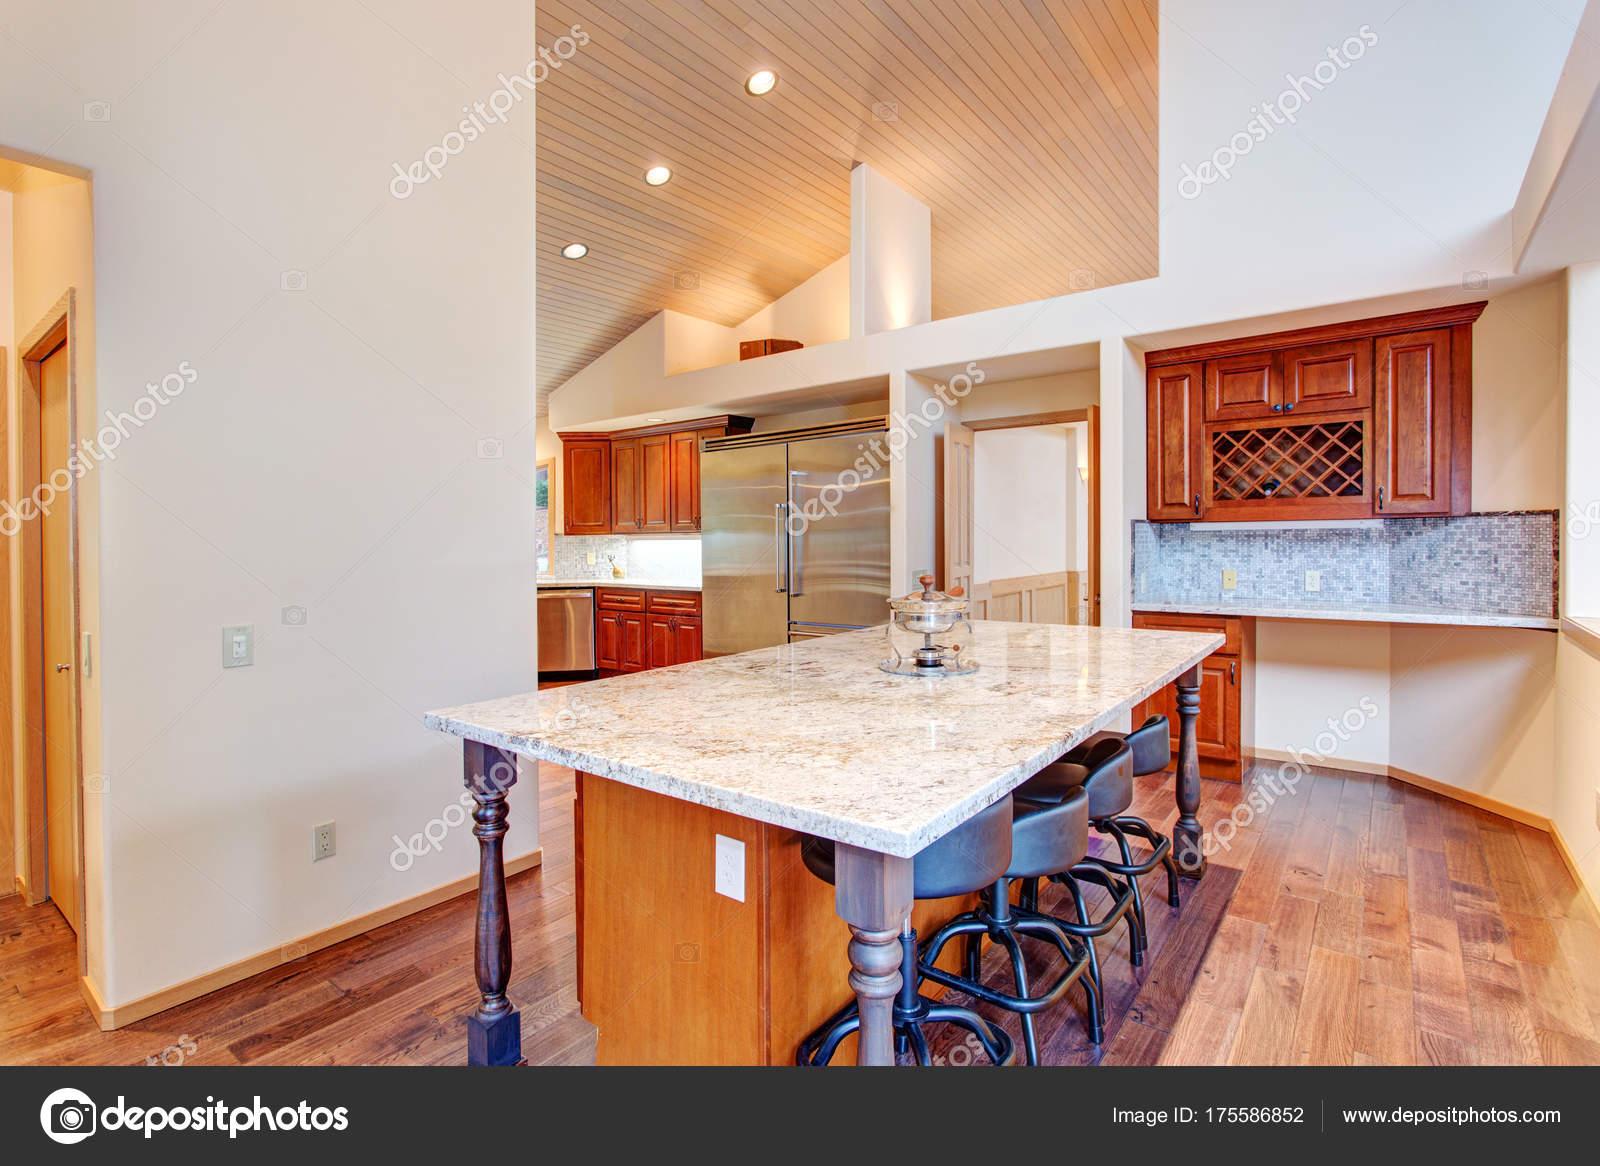 Offene Küche Grundriss mit einer Kochinsel — Stockfoto © alabn ...